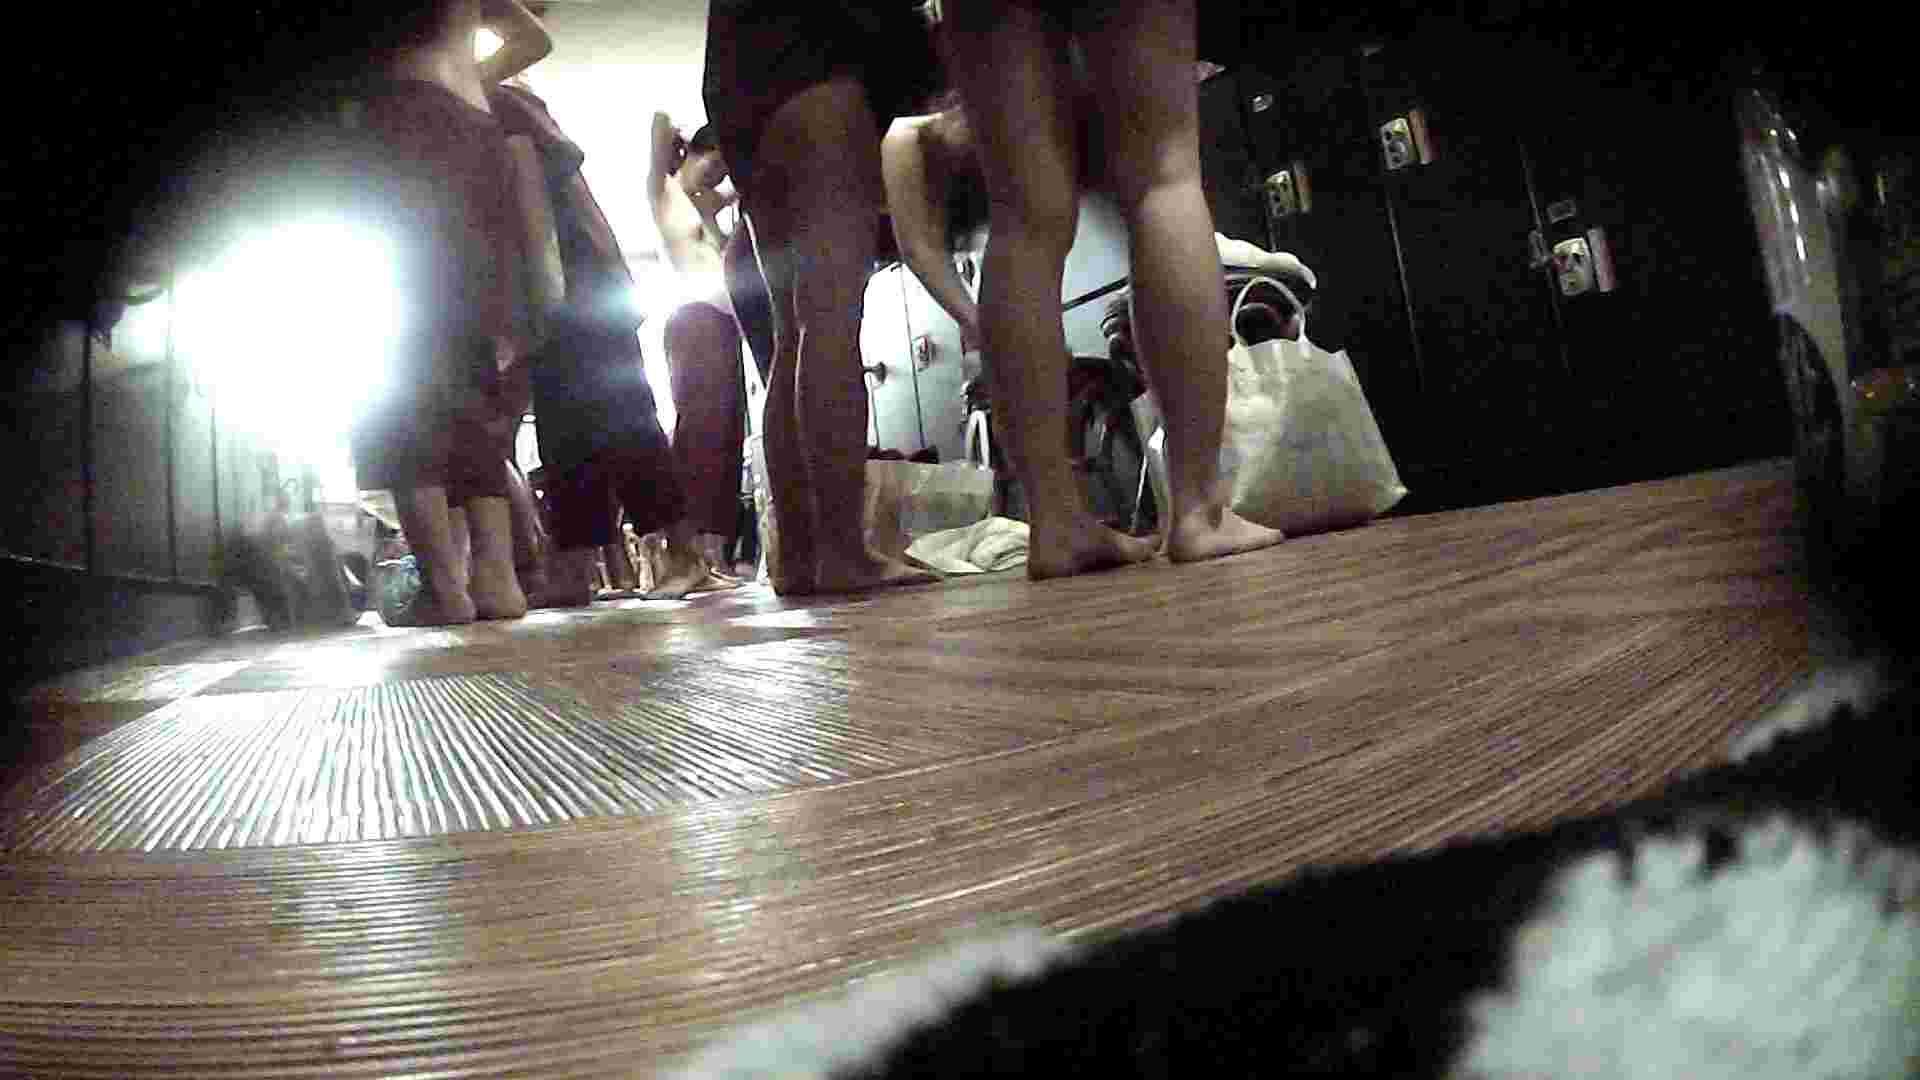 オムニバスVol.5 脱衣所のイケイケギャルがお勧め ギャル盗撮映像  97PIX 65